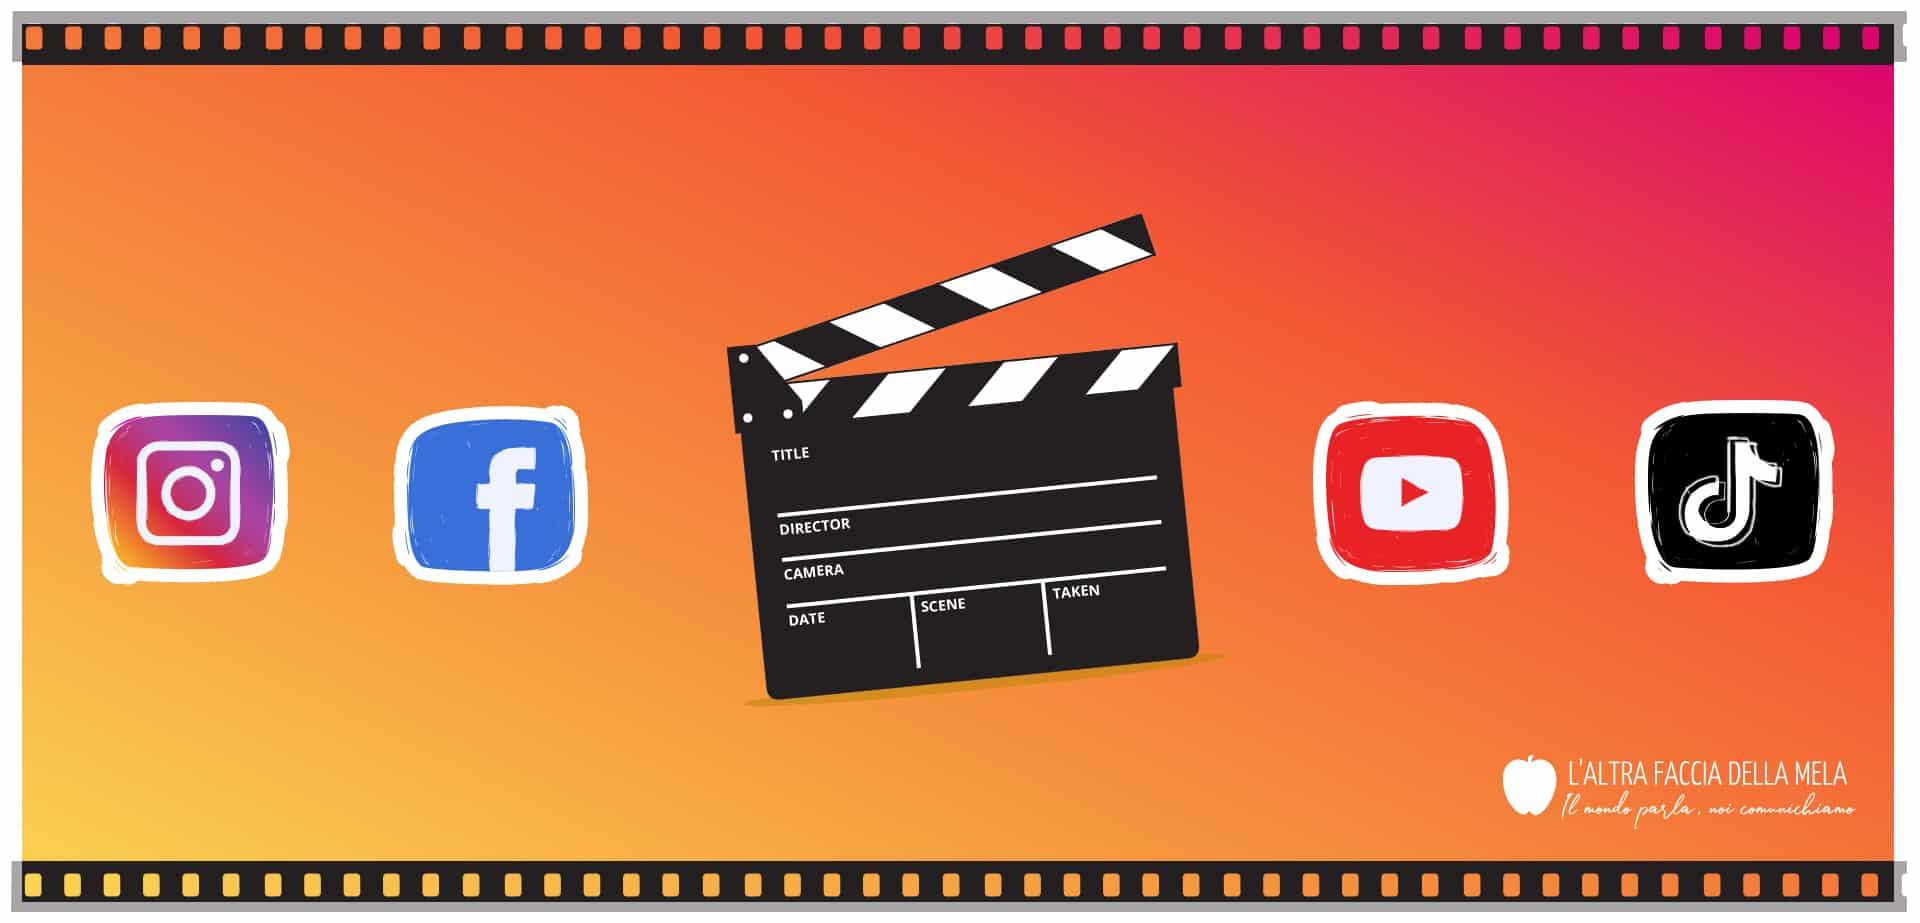 Come fare video per Instagram, Facebook e altri social network